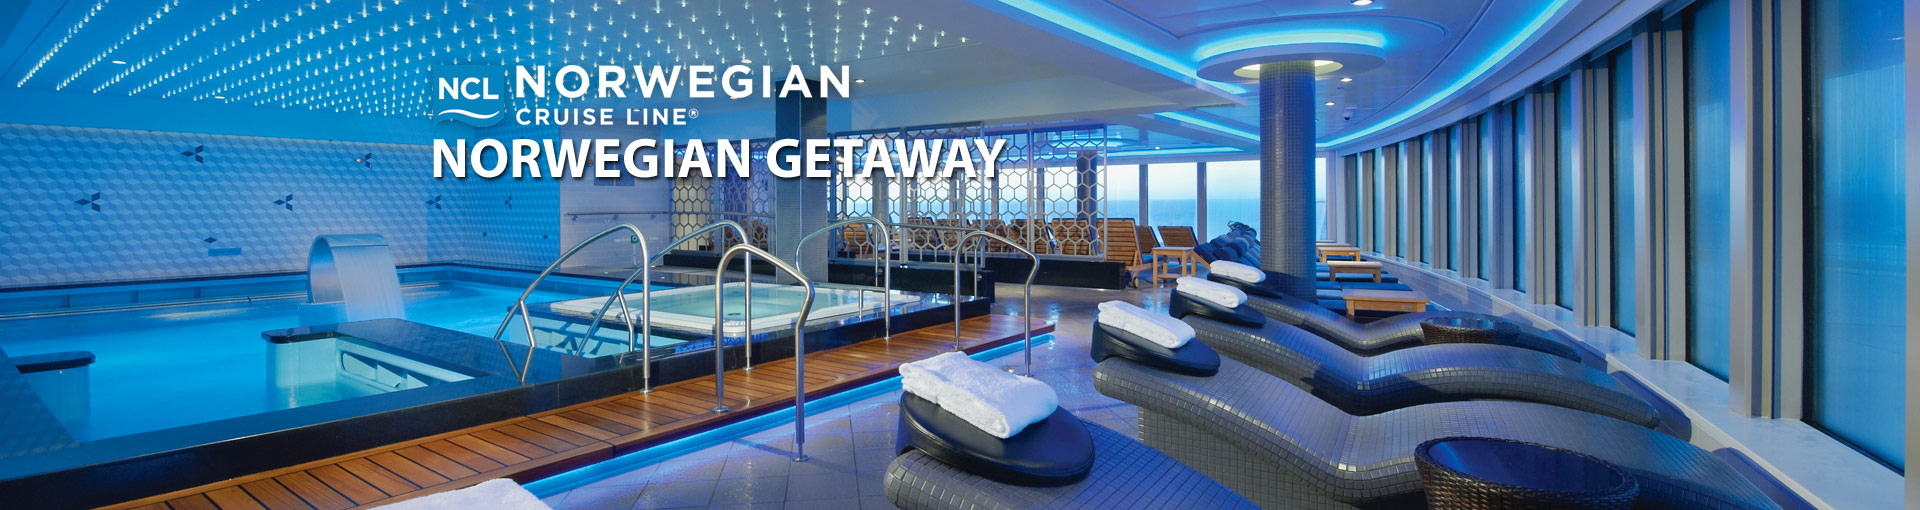 Norwegian Getaway cruise ship